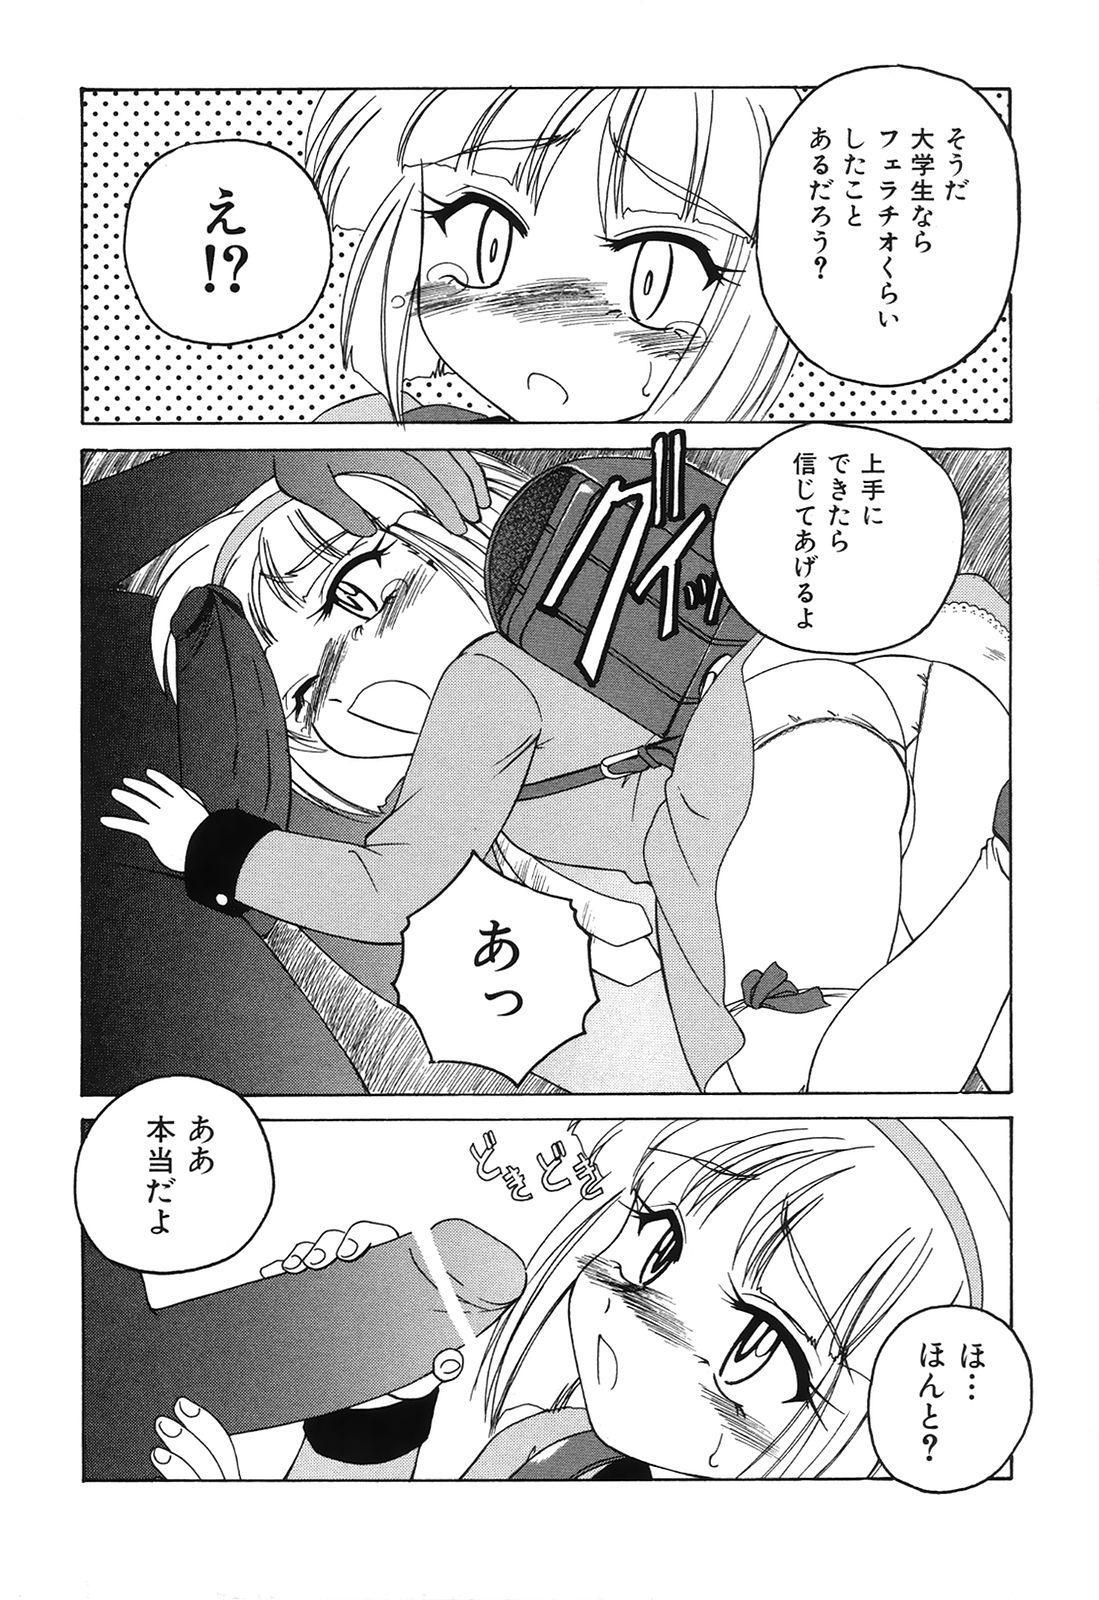 Omake No Musume 154